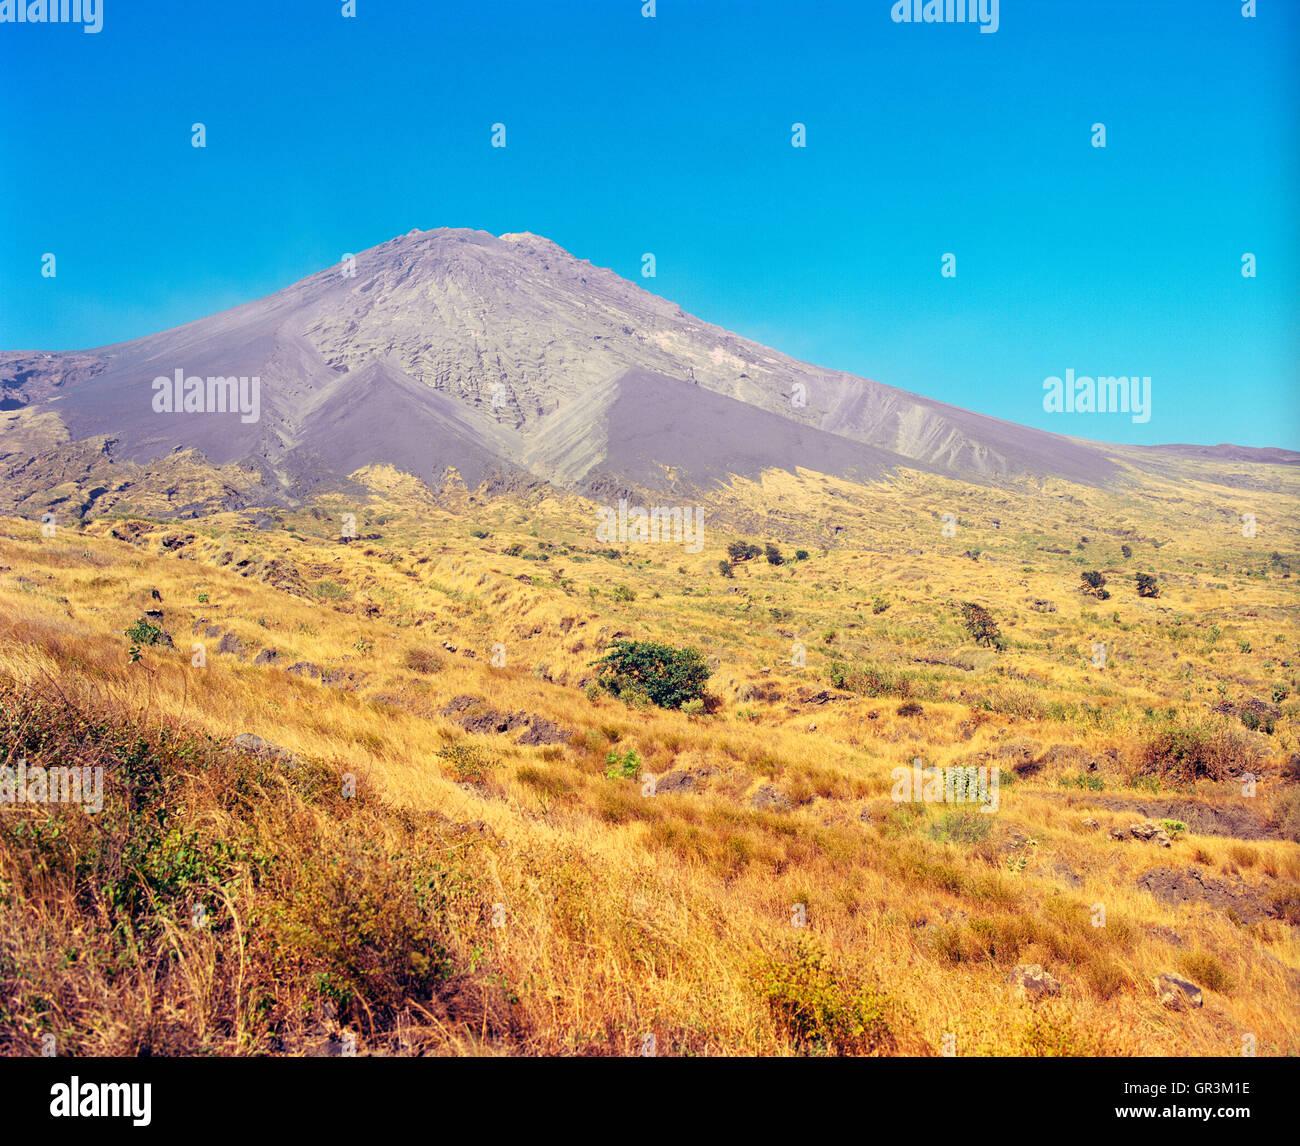 Pico de Fogo. Fogo, Cape Verde Islands, Africa. Stock Photo